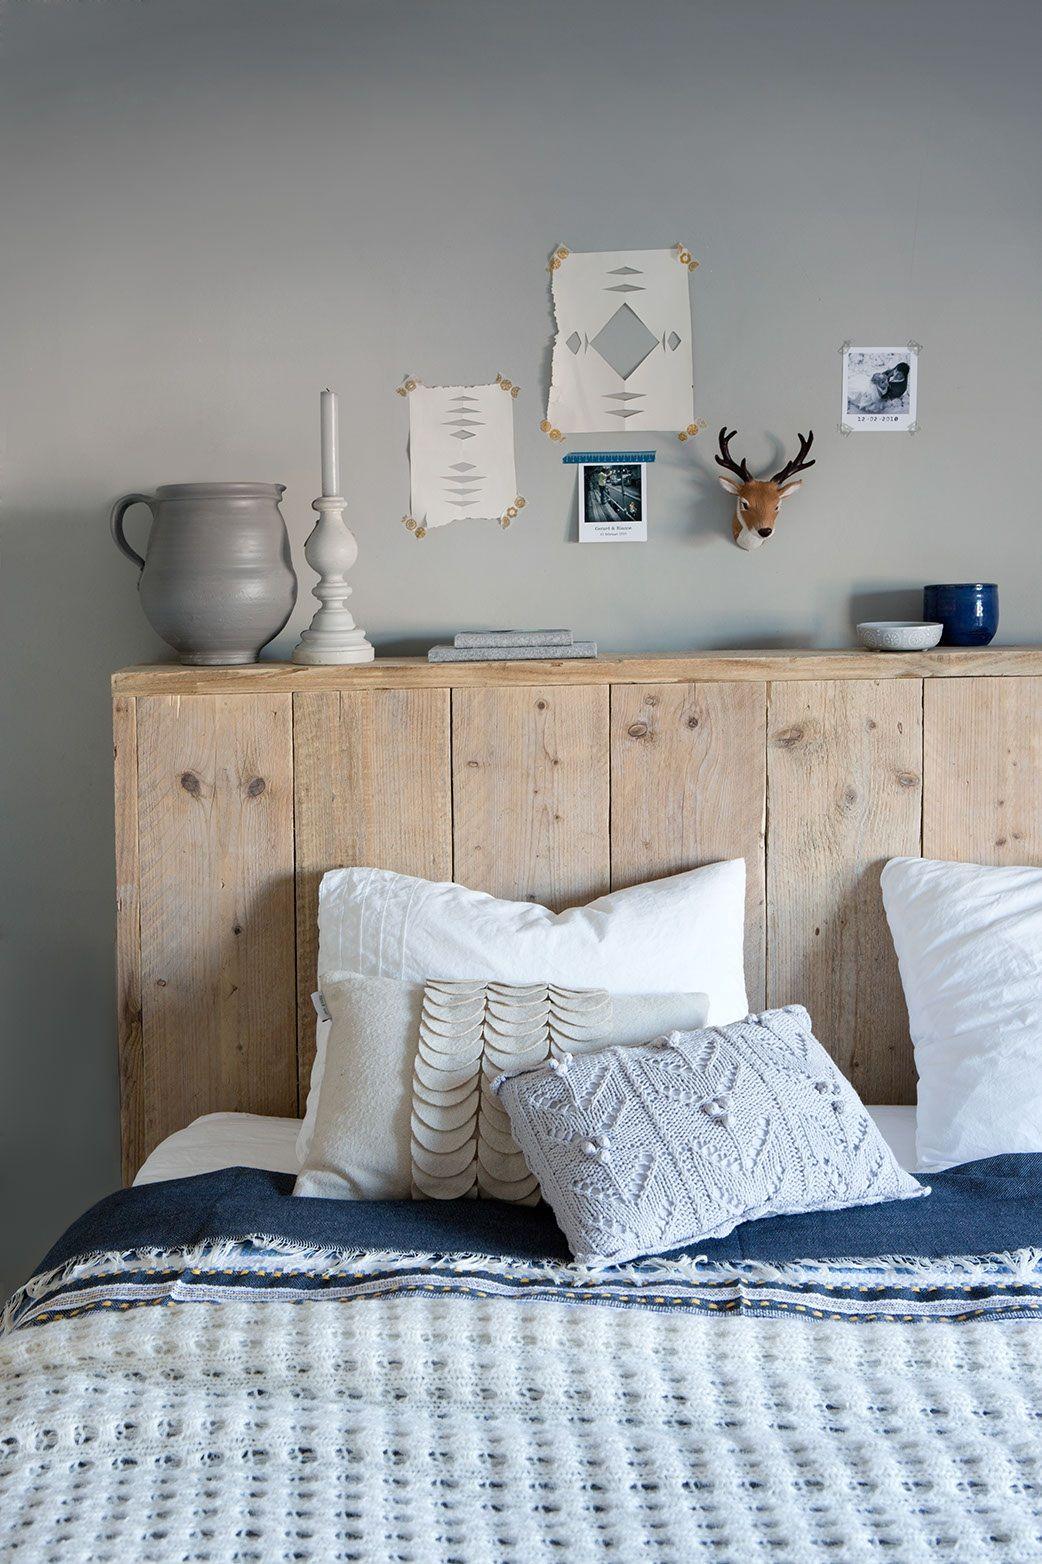 Europalette Als Kopfteil   Nachhaltige DIY Betten   Es Ist Nicht Das Erste  Mal, Da Wir über Möbel Aus Europaletten Schreiben. Die Europalette Kann Auf